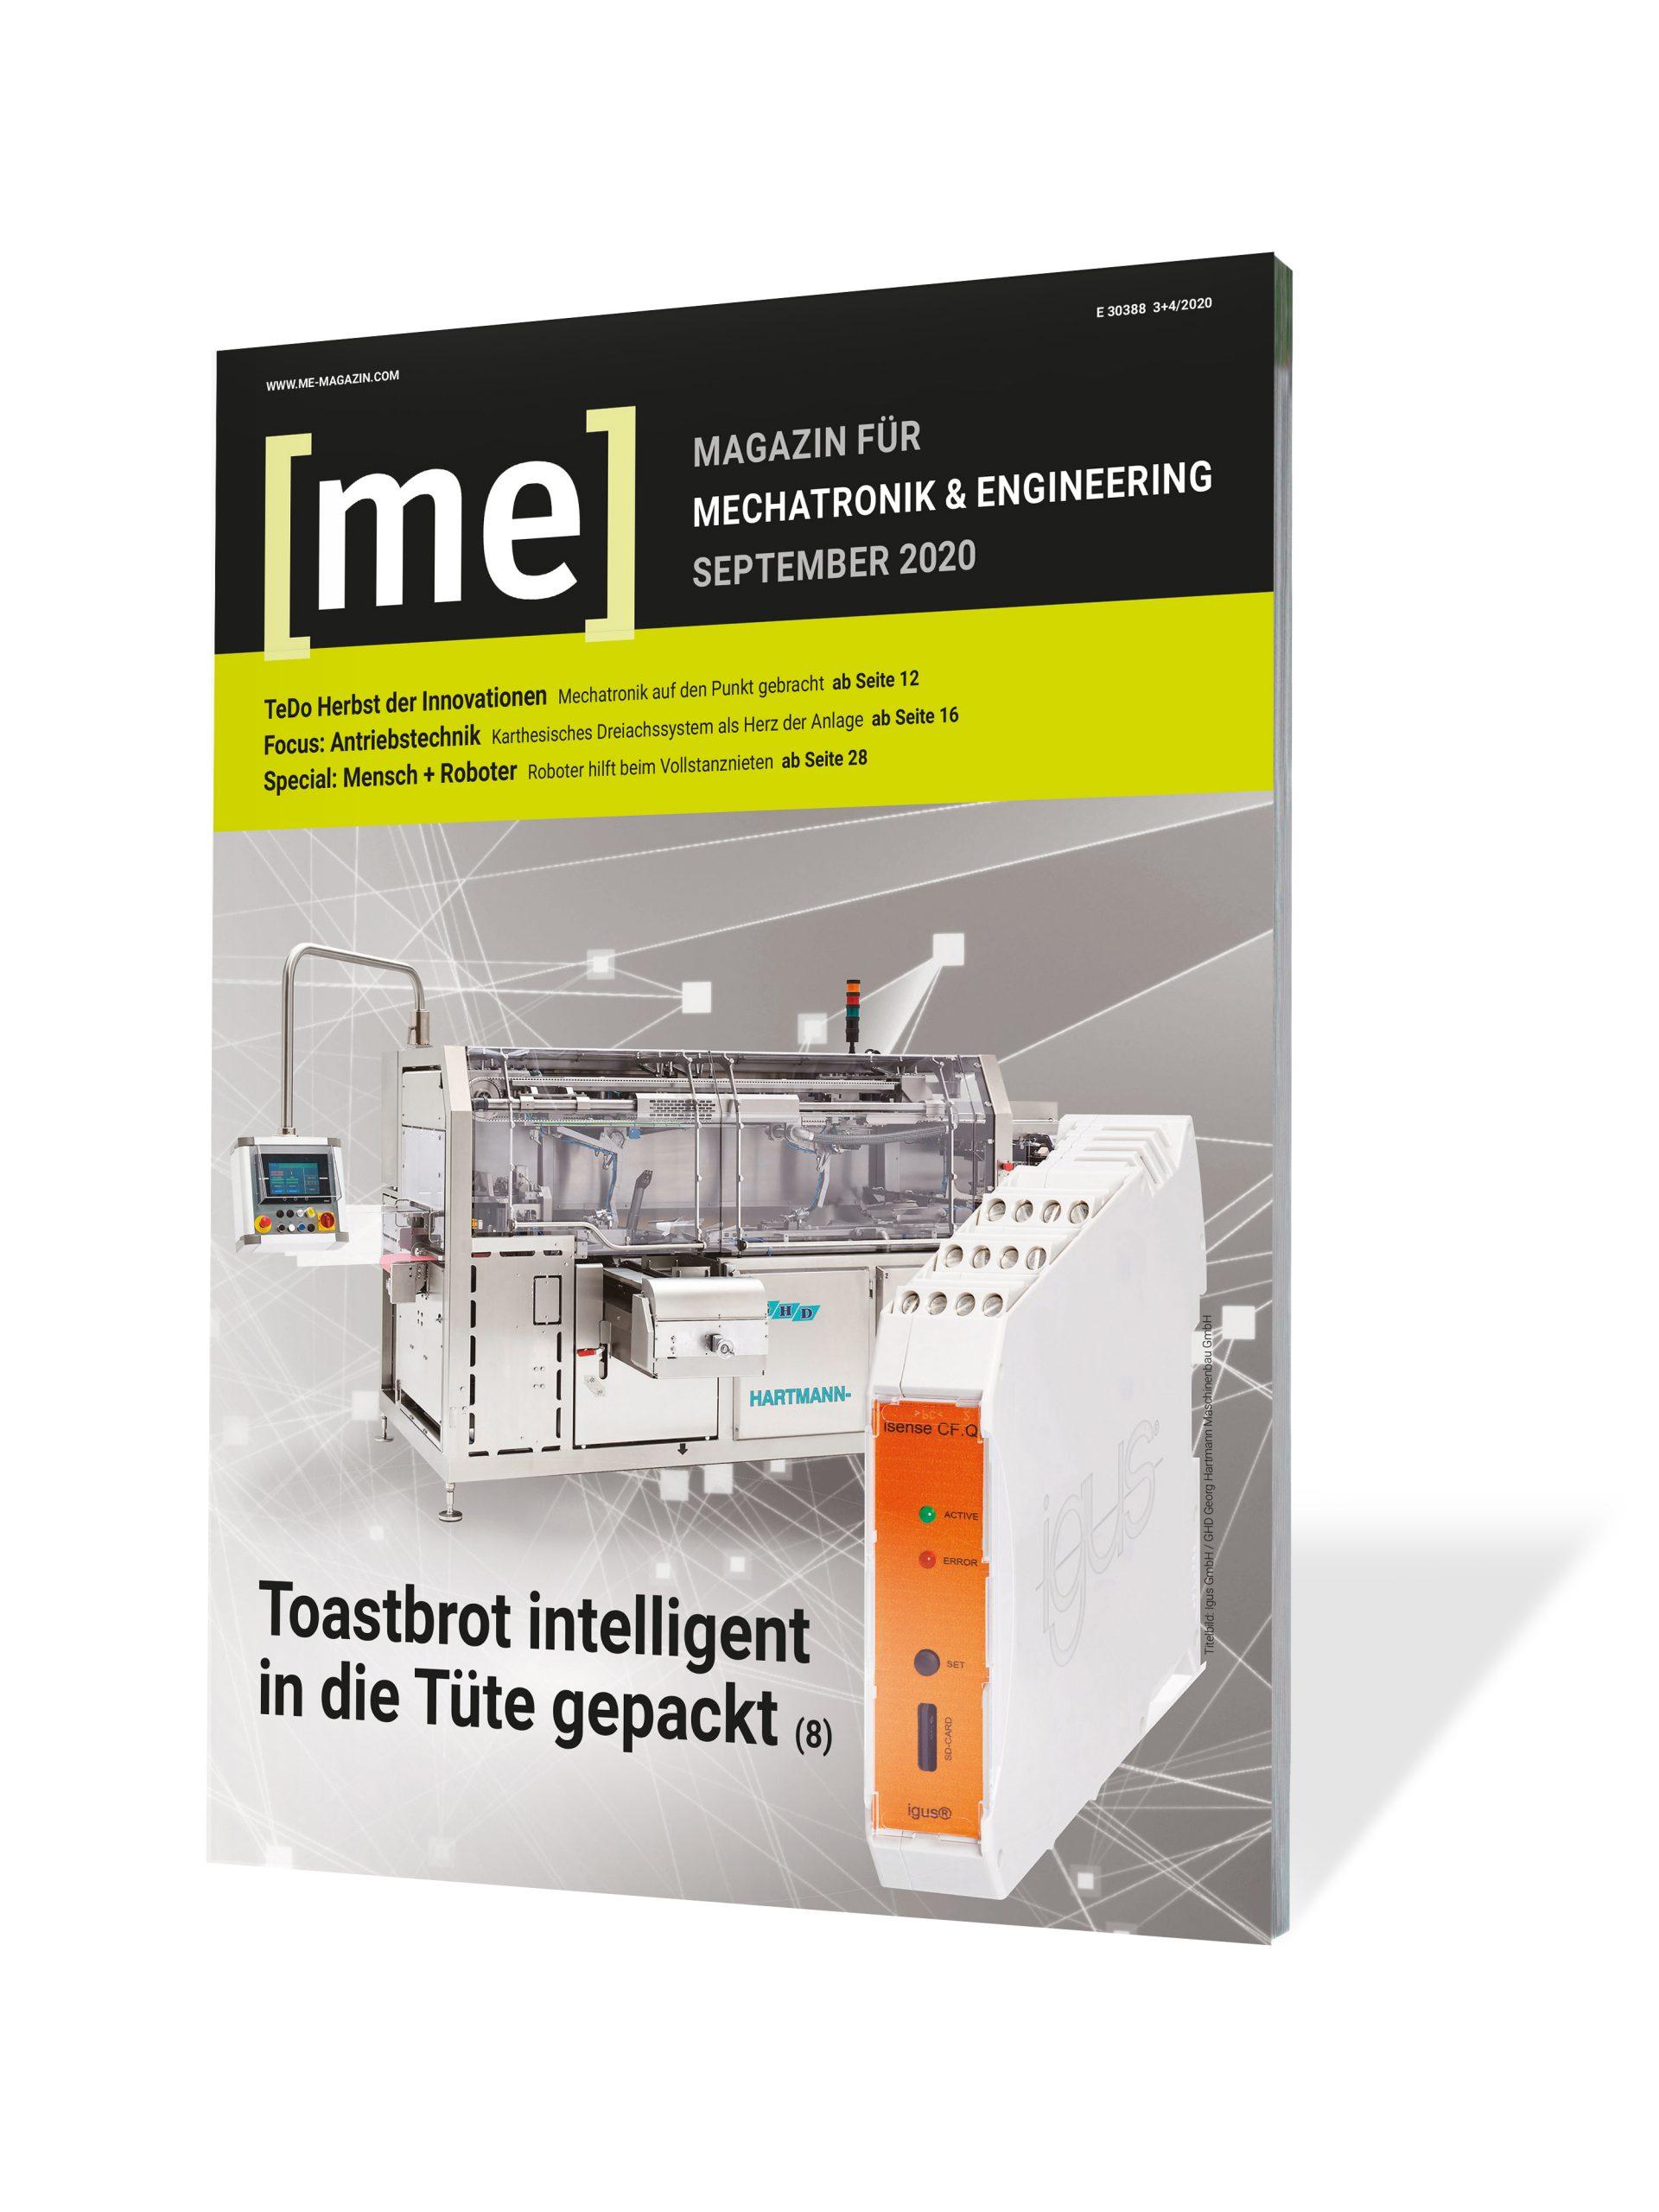 Fachzeitschrift [me] Mechatronik & Engineering